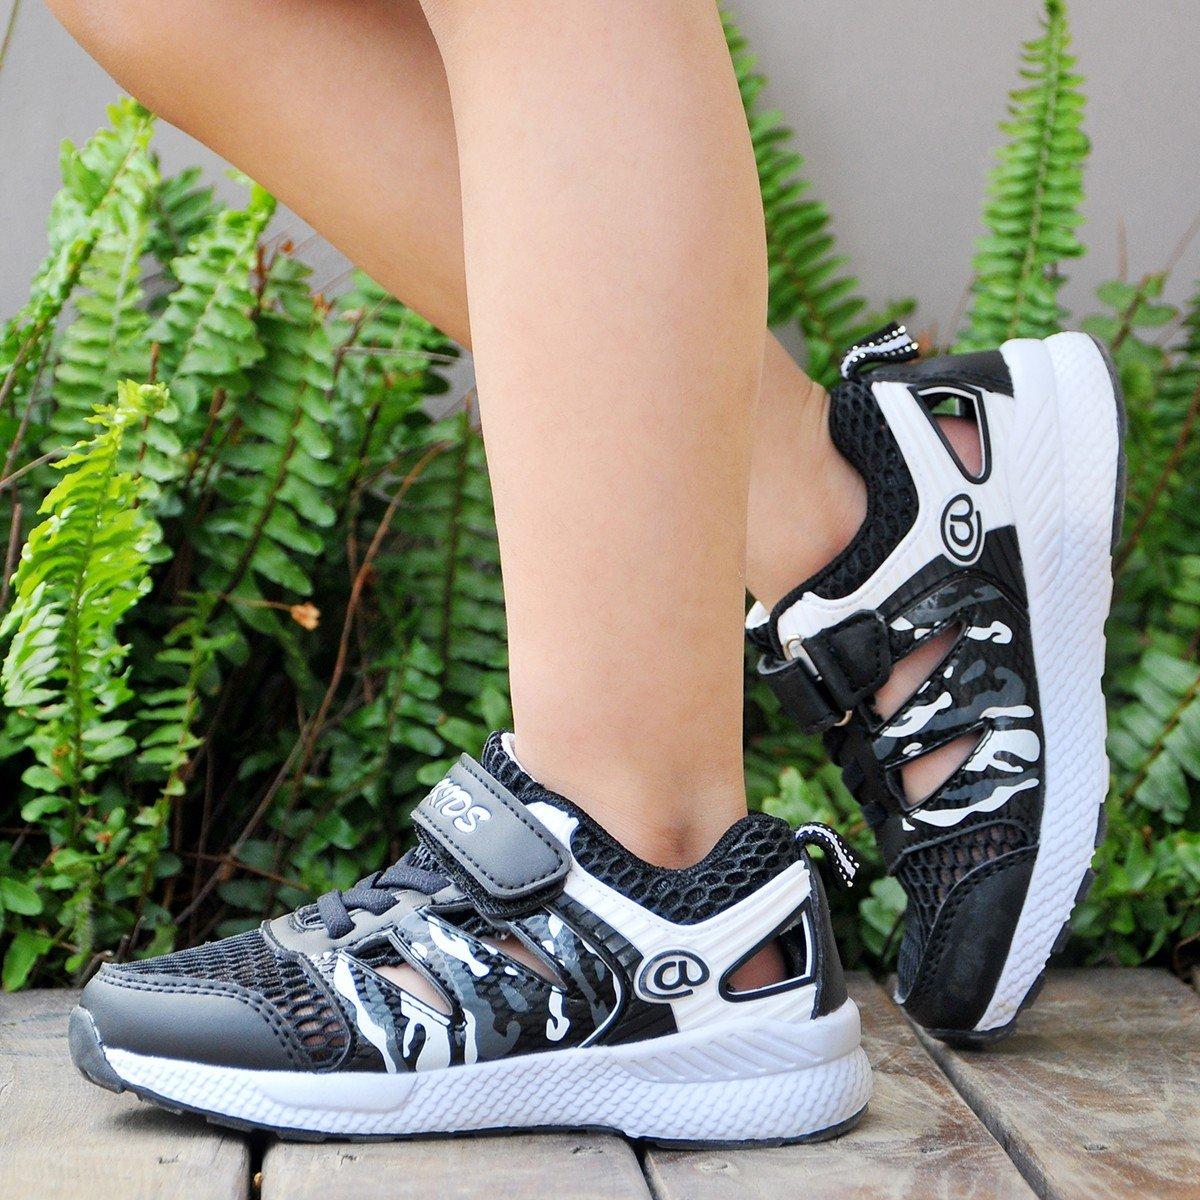 Axcer Mixte Enfant Chaussures de Sport Ultra-l/éger Respirantes Chaussures de Course Multisports Outdoor Sneakers Gymnastique Fitness Running Baskets Mode pour Gar/çon et Fille